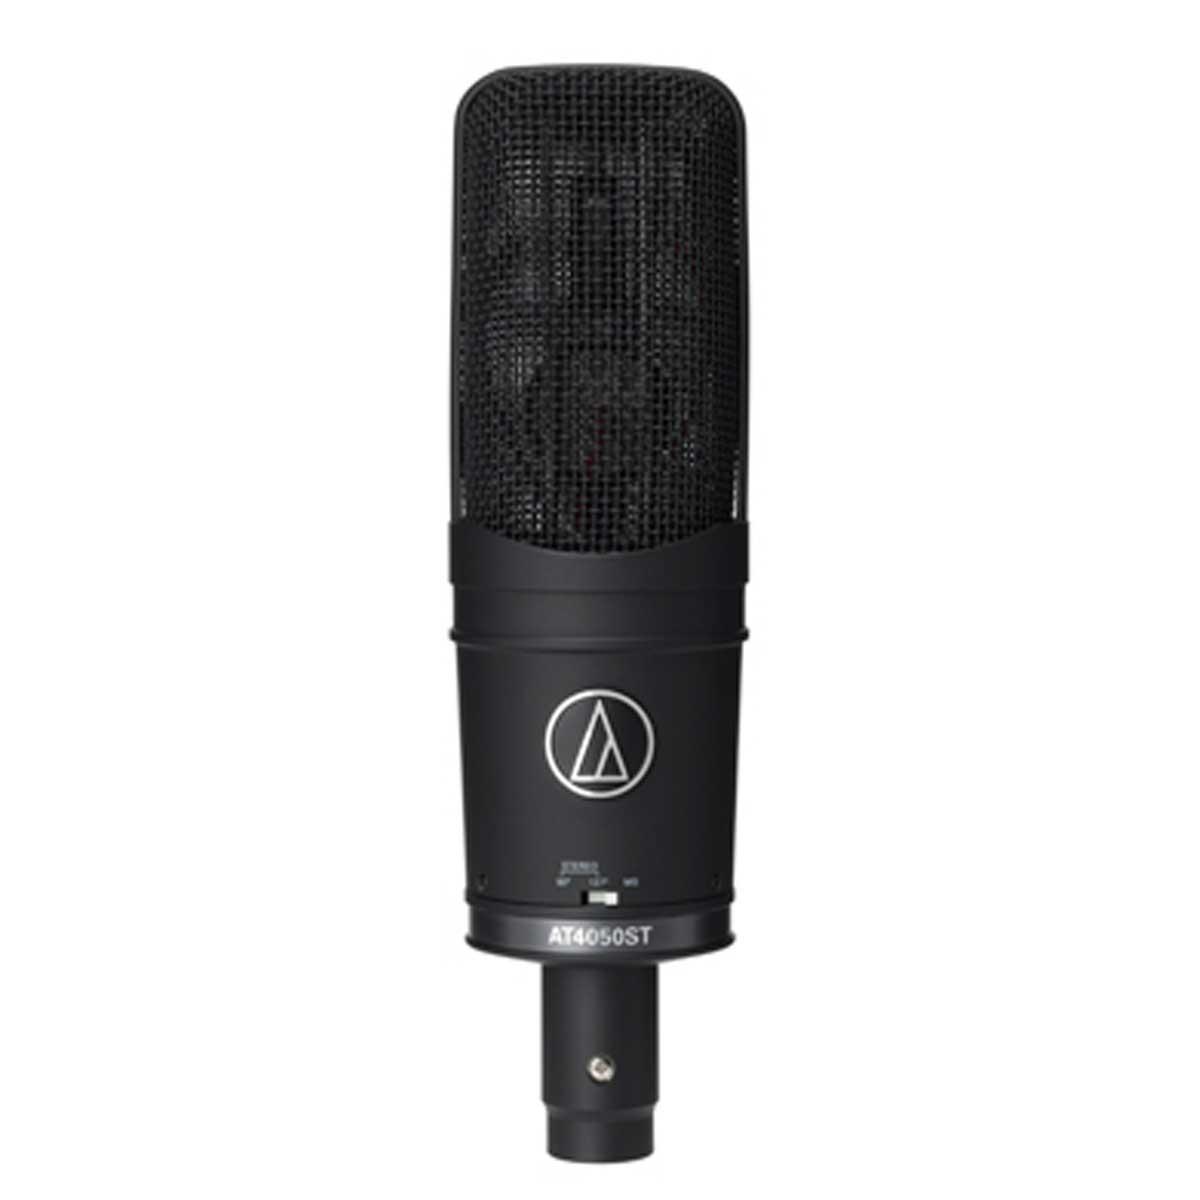 audio-technica オーディオテクニカ / AT4050ST ステレオ・コンデンサー・マイクロホン (ショックマウント:AT8449a付属)